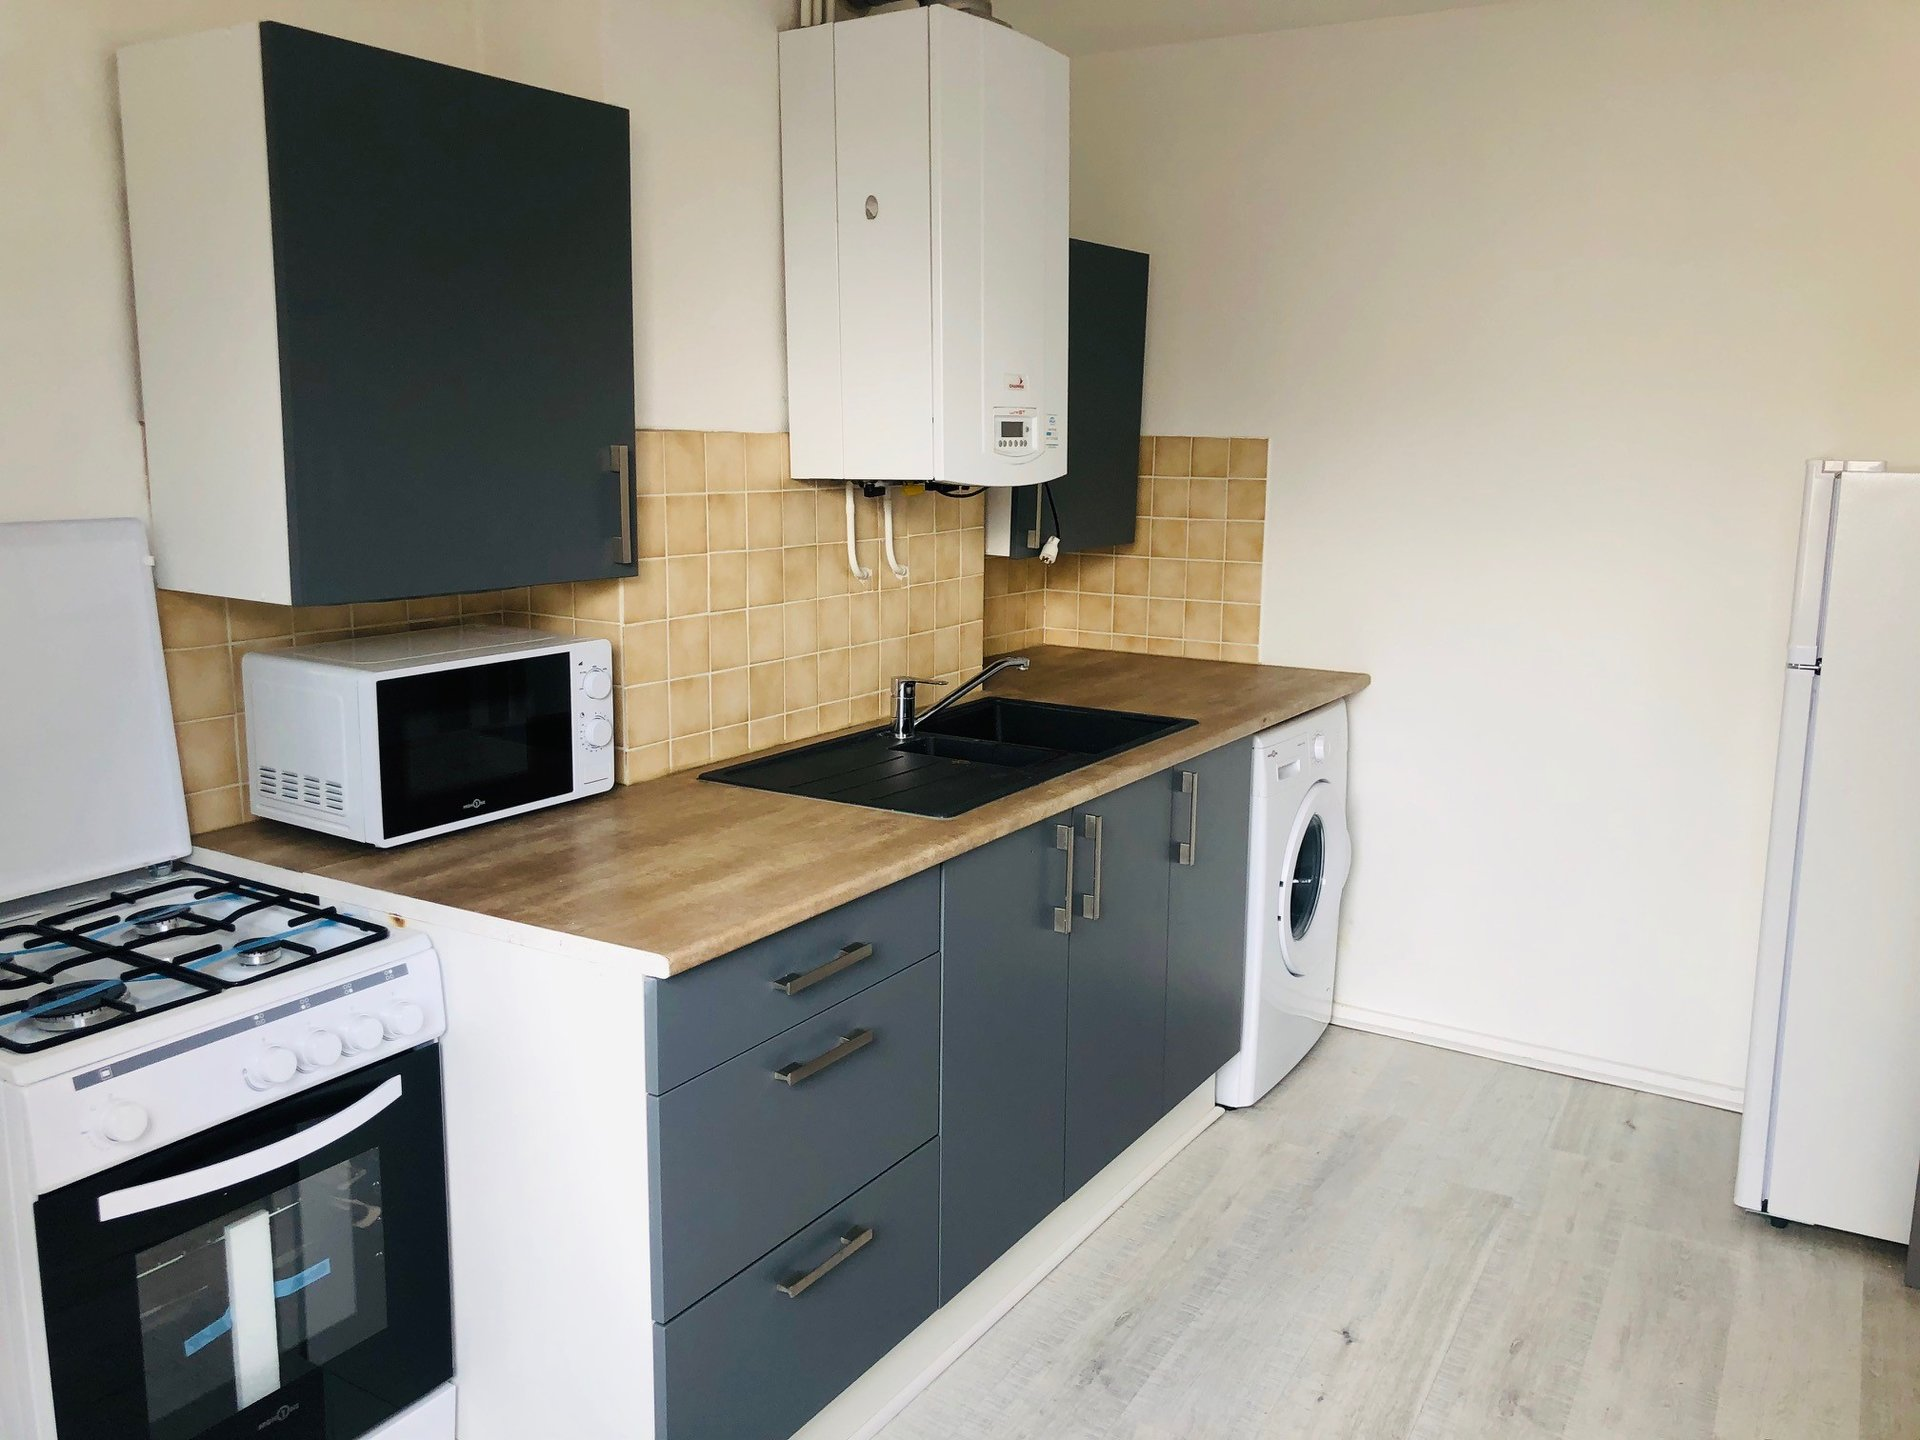 SAINT-ETIENNE - Appartement T2 meublé proximité FAC